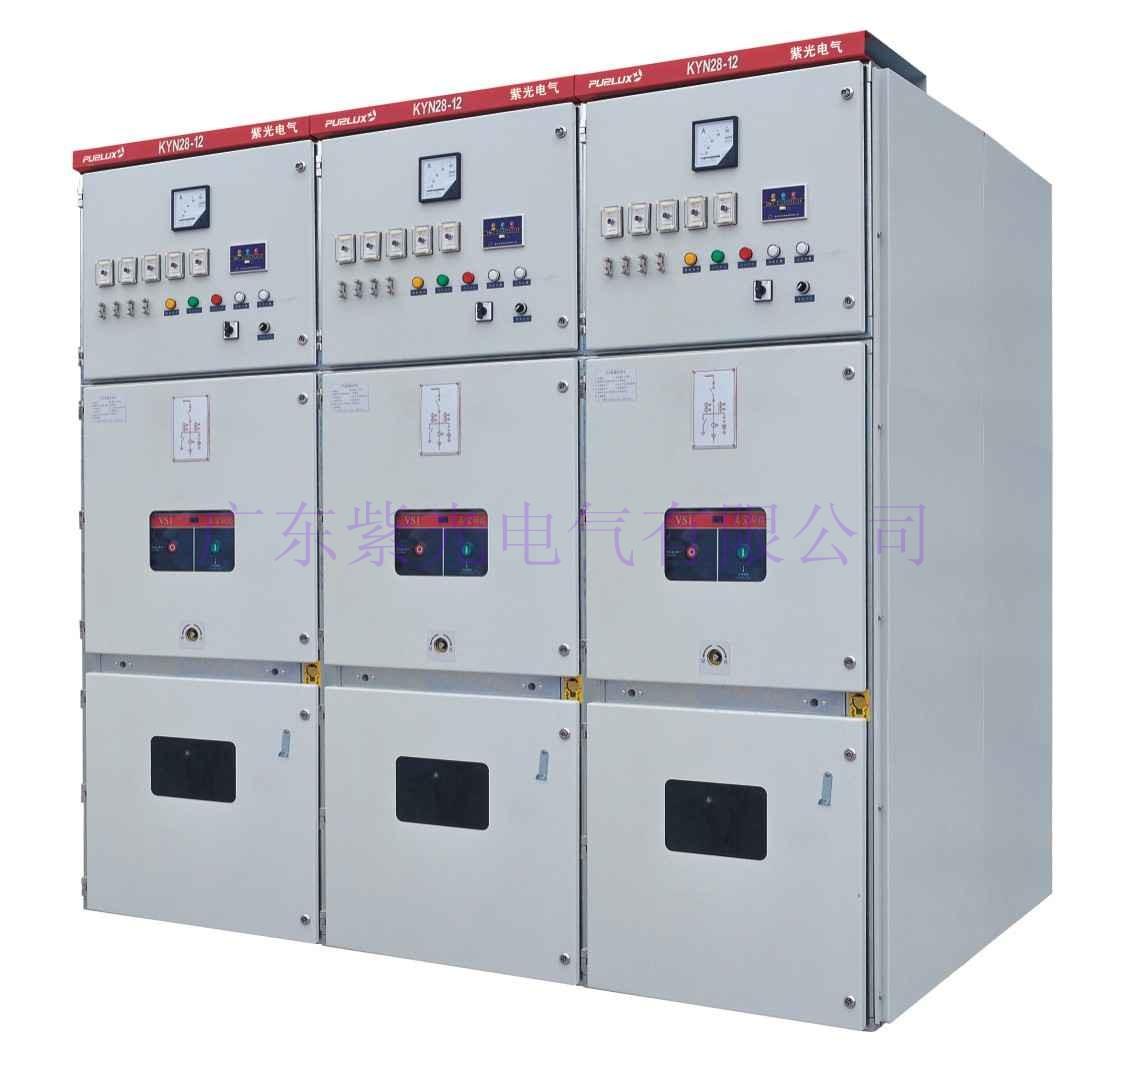 供应高压 中置柜KYN28 A 12,铠装移开式开关柜